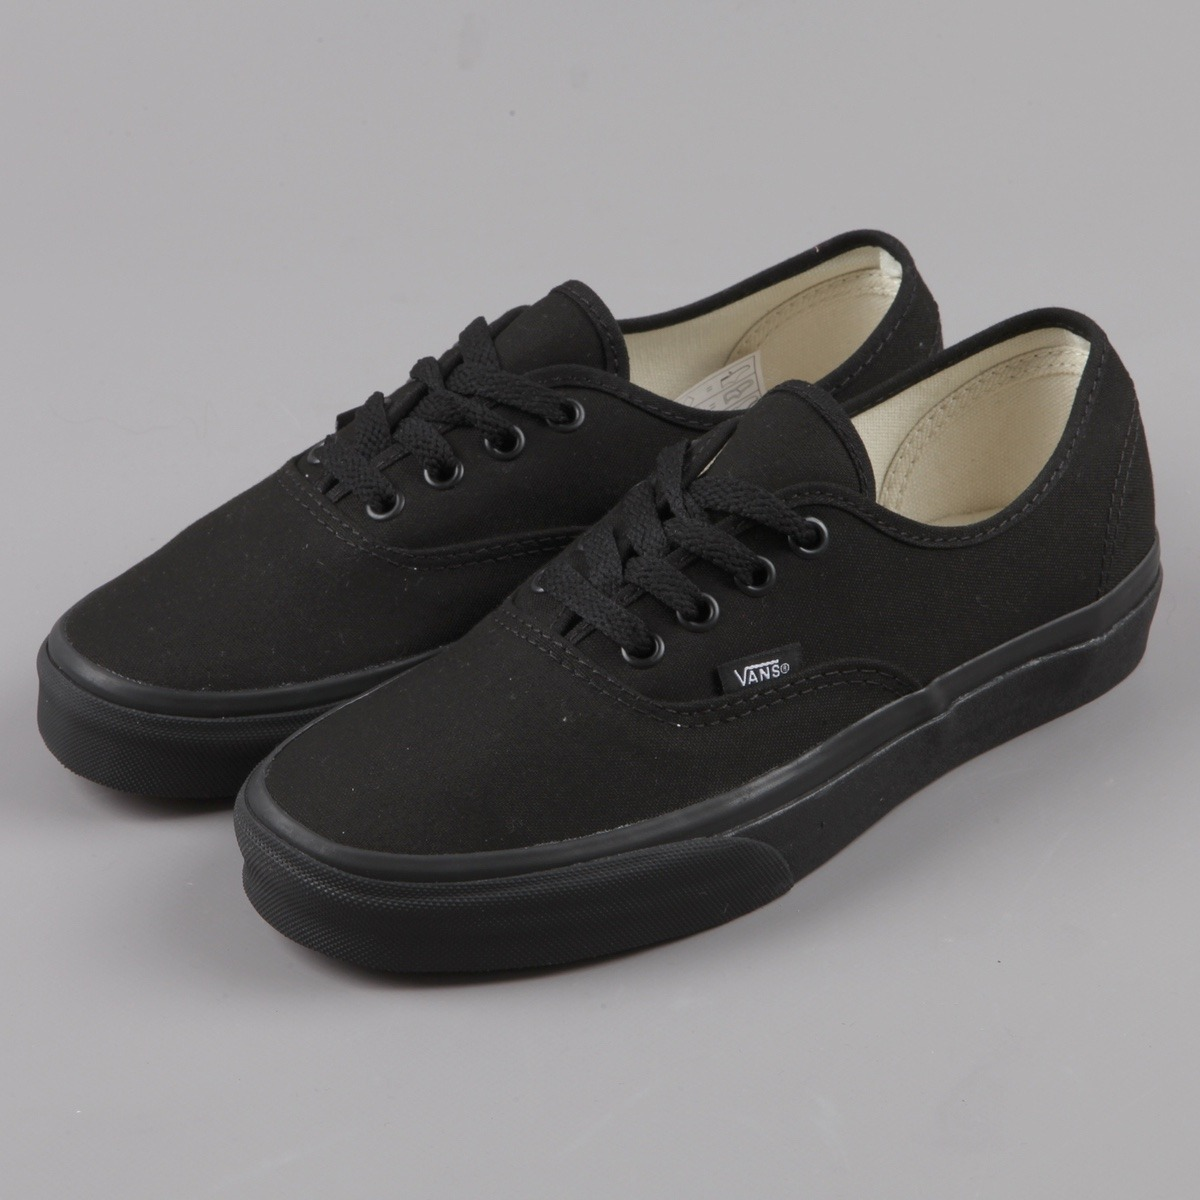 vans zapatillas hombre negras